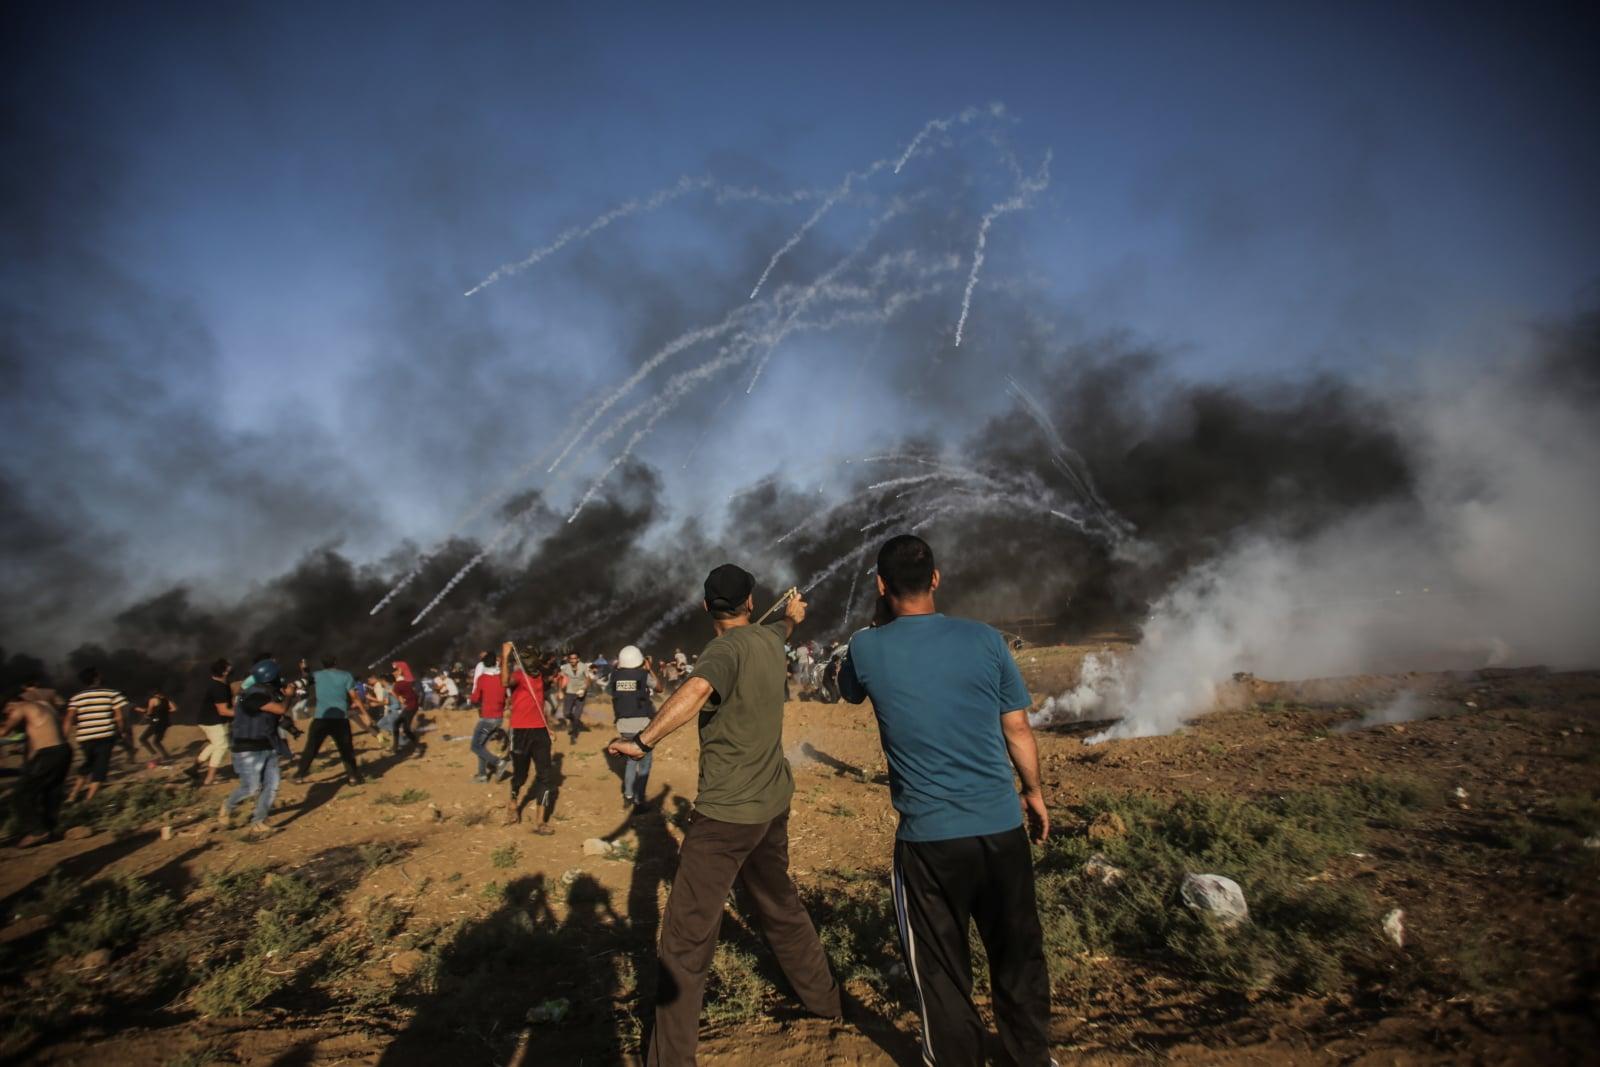 Protestujący Palestyńczycy uciekają przed izraelskim gazem łzawiącym podczas starć z izraelskimi oddziałami w pobliżu granicy z Izraelem we wschodniej Strefie Gazy, fot. EPA/HAITHAM IMAD